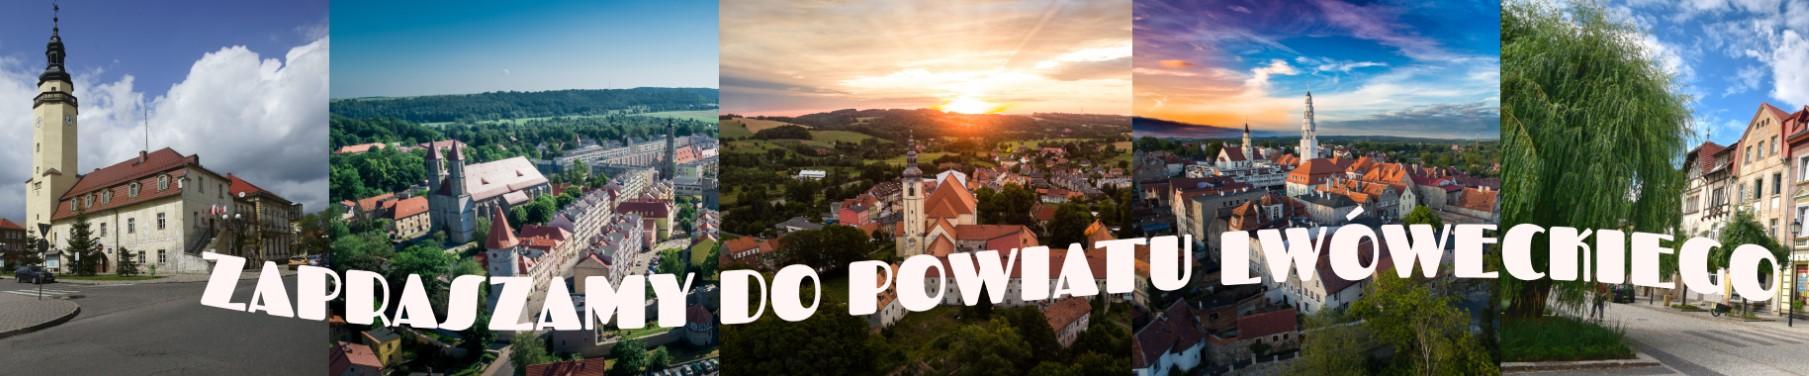 """Na zdjęciu widnieje kolaż z widokówkami z powiatu z napisem  """"Zapraszamy do Powiatu Lwóweckiego""""."""